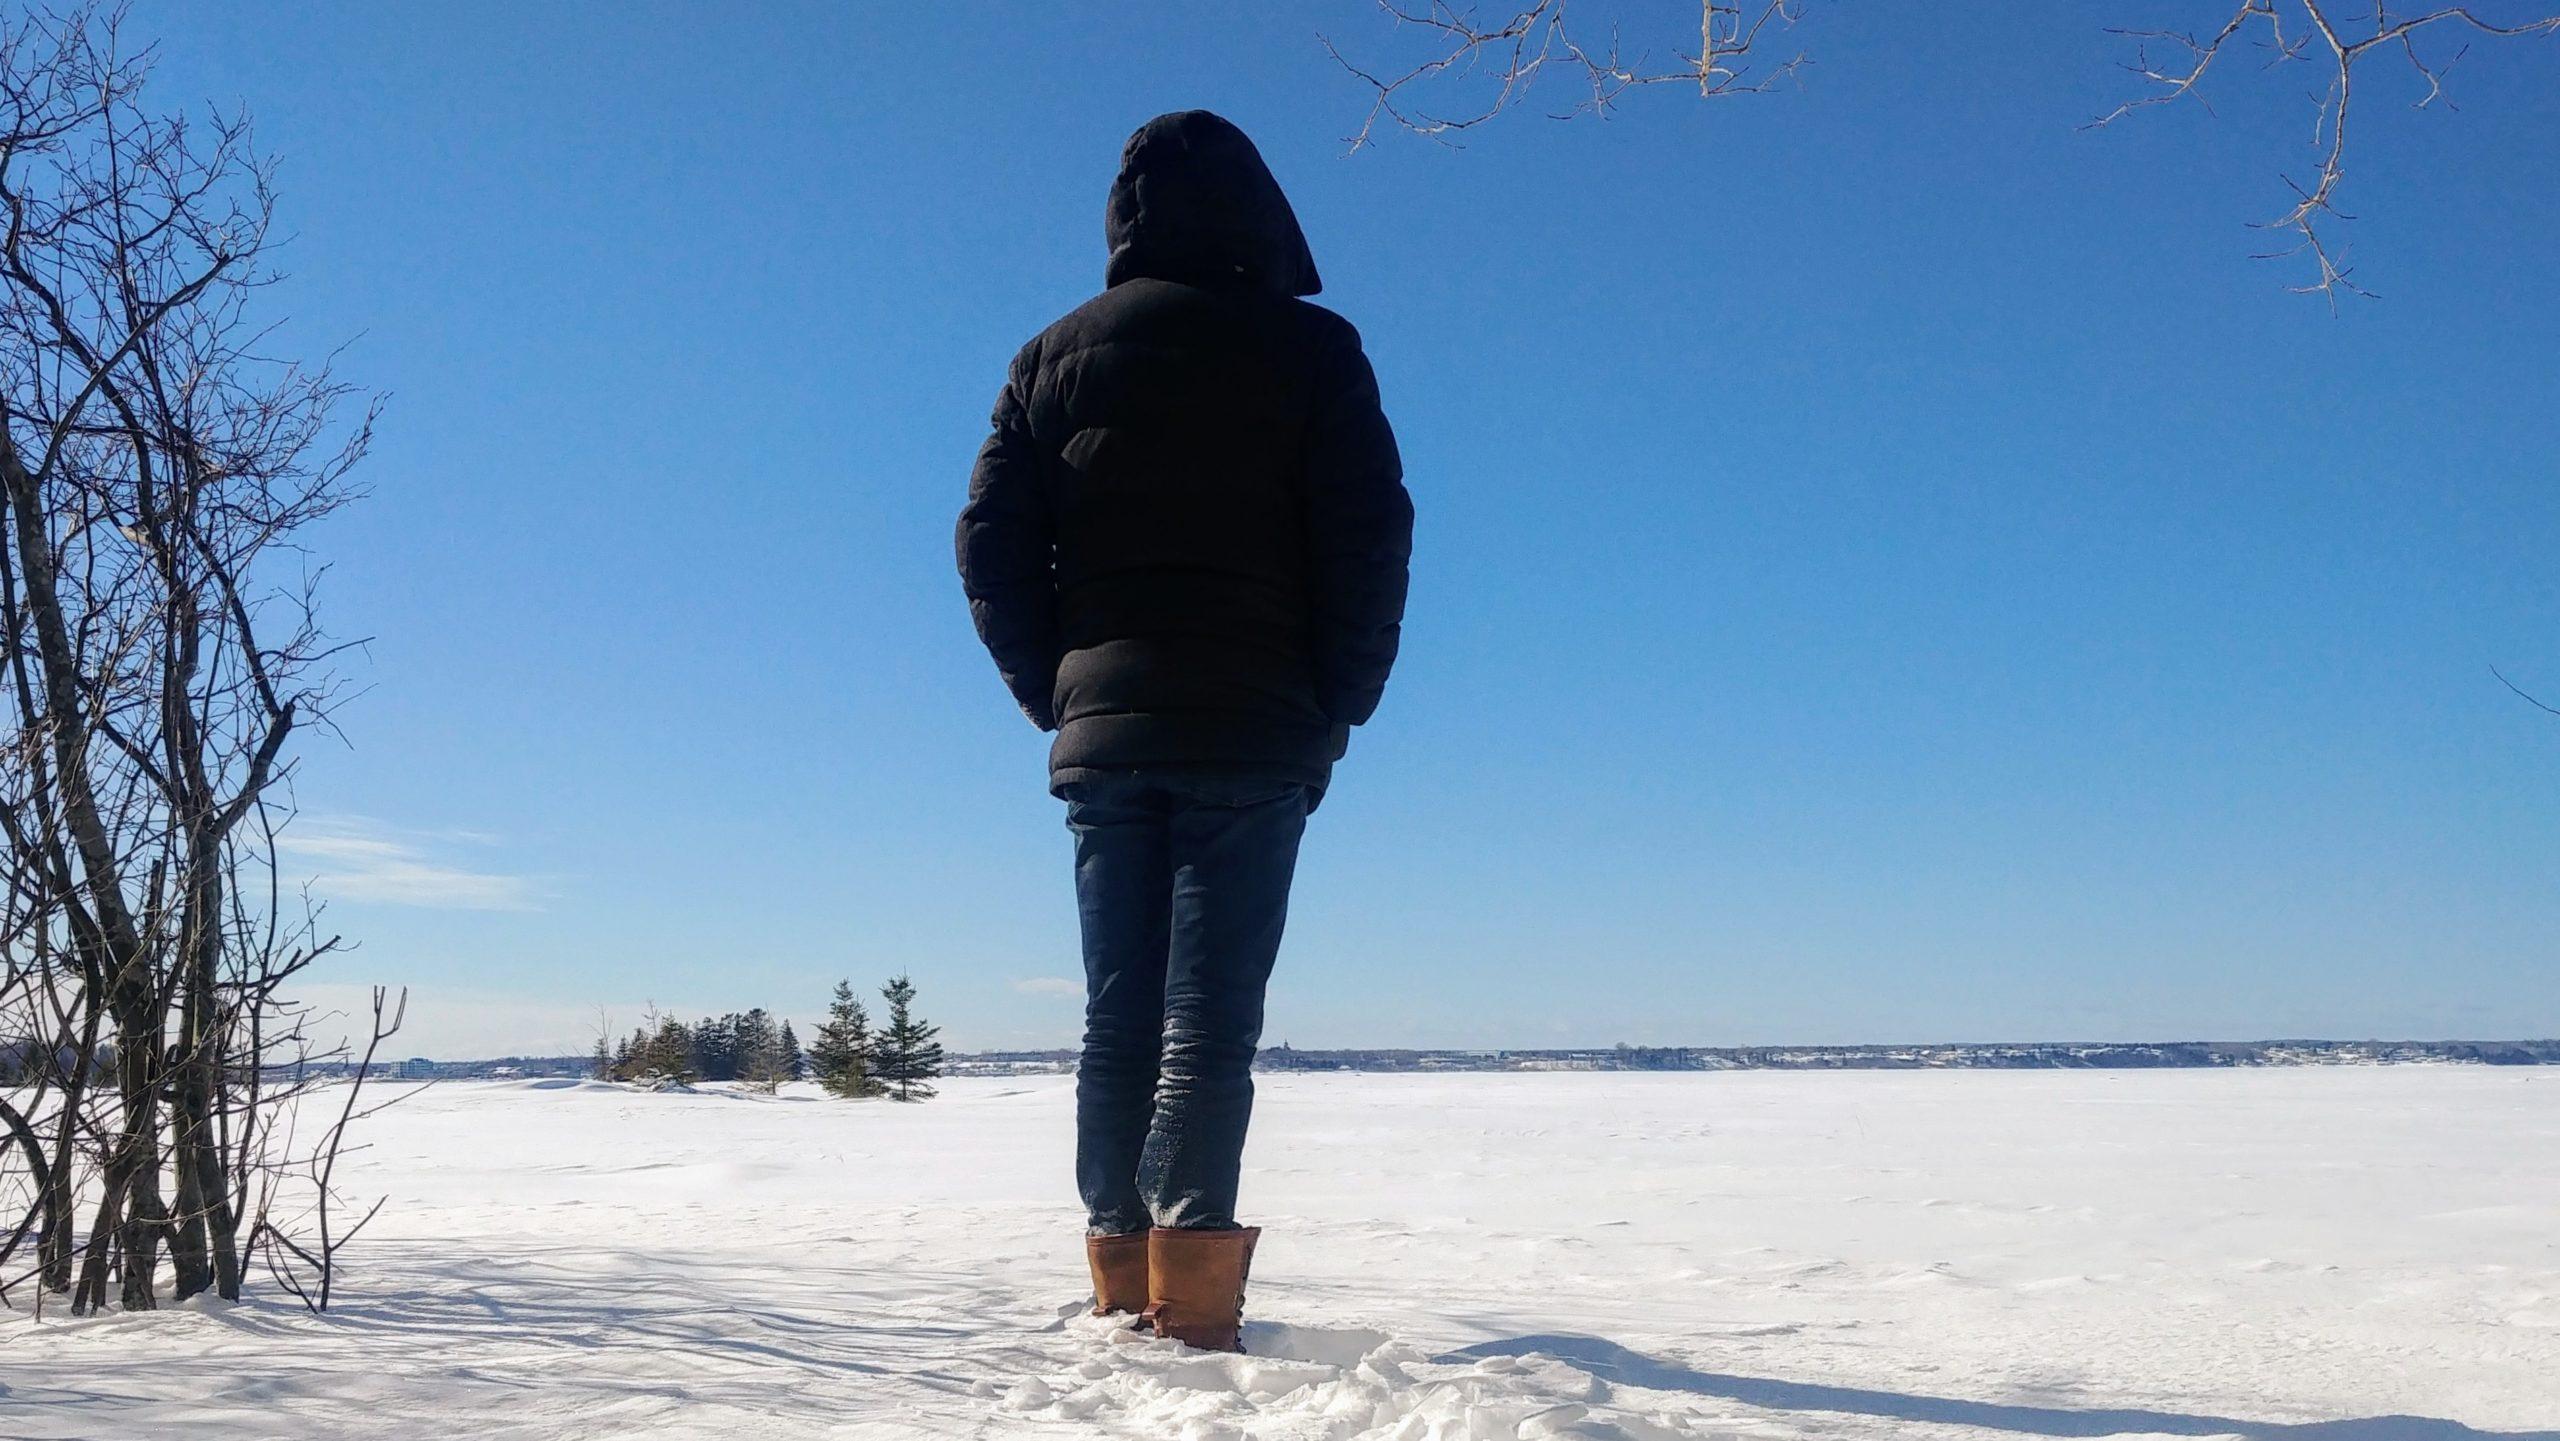 Région Chaleur parc pointe Daly hiver Nouveau-Brunswick Canada Arpenter le chemin